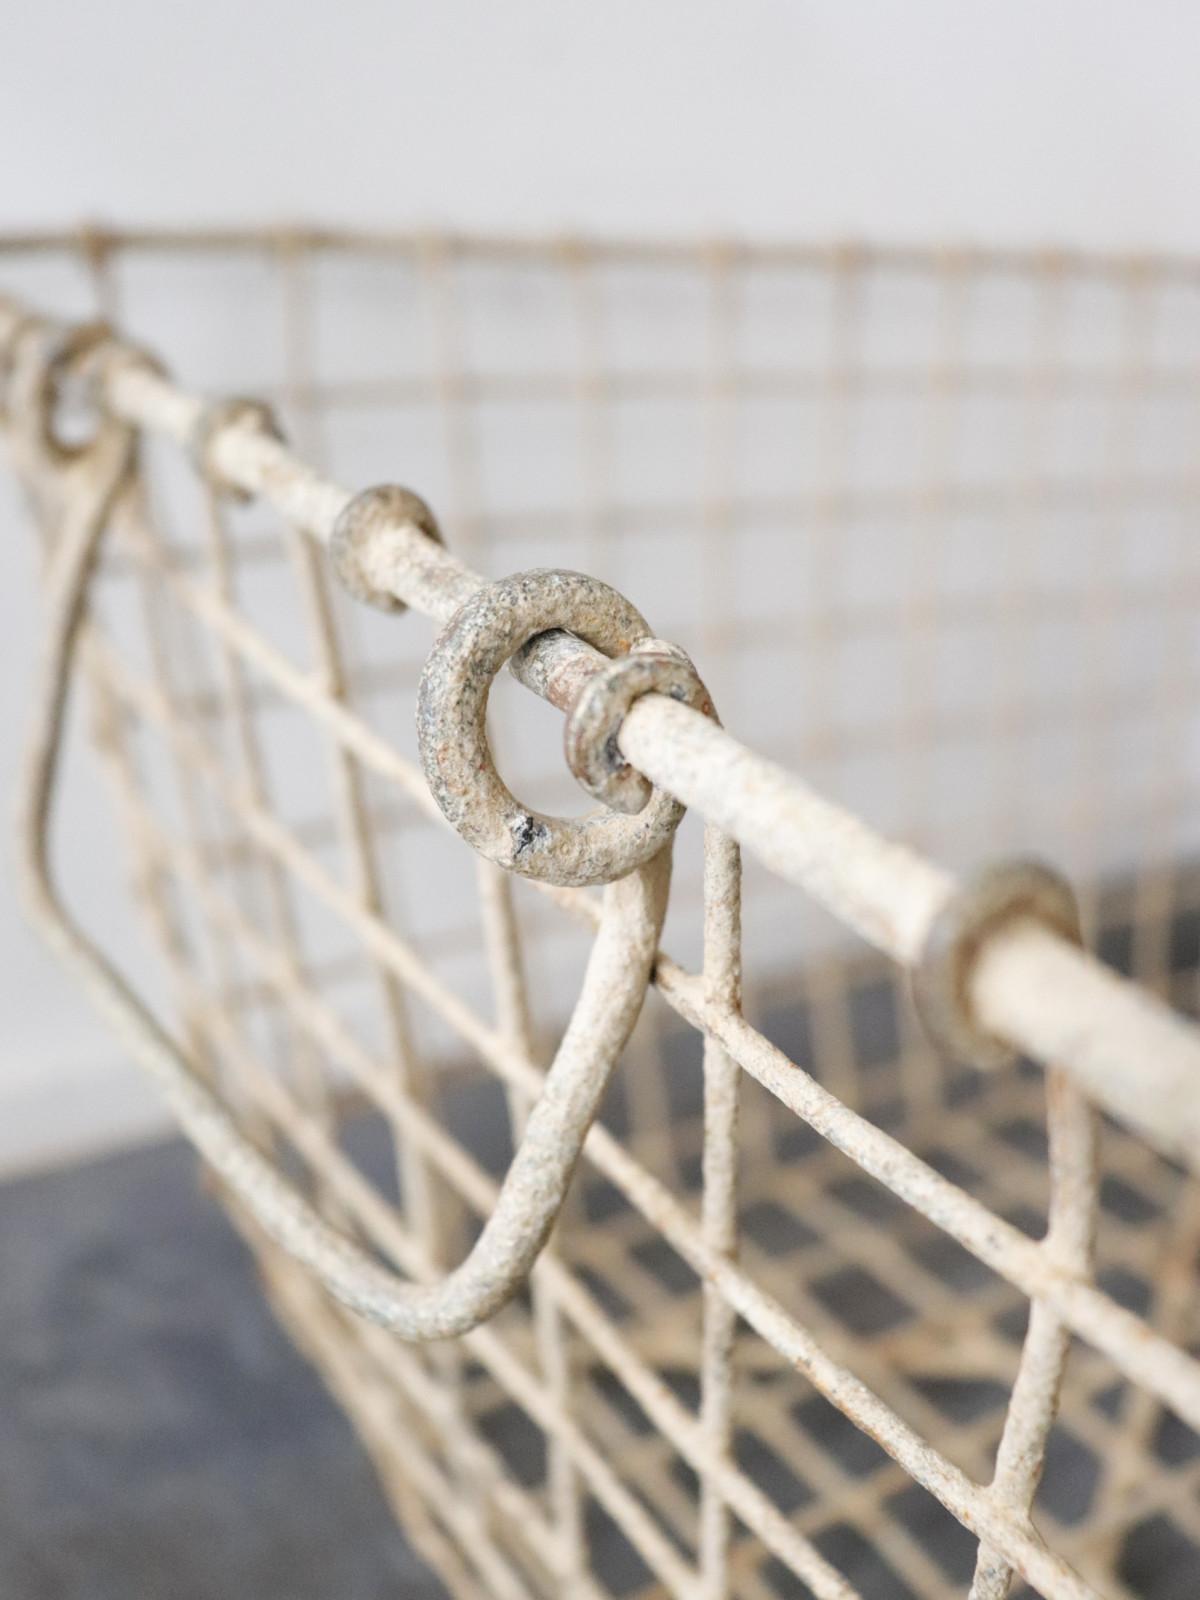 metal, basket,France, vintage